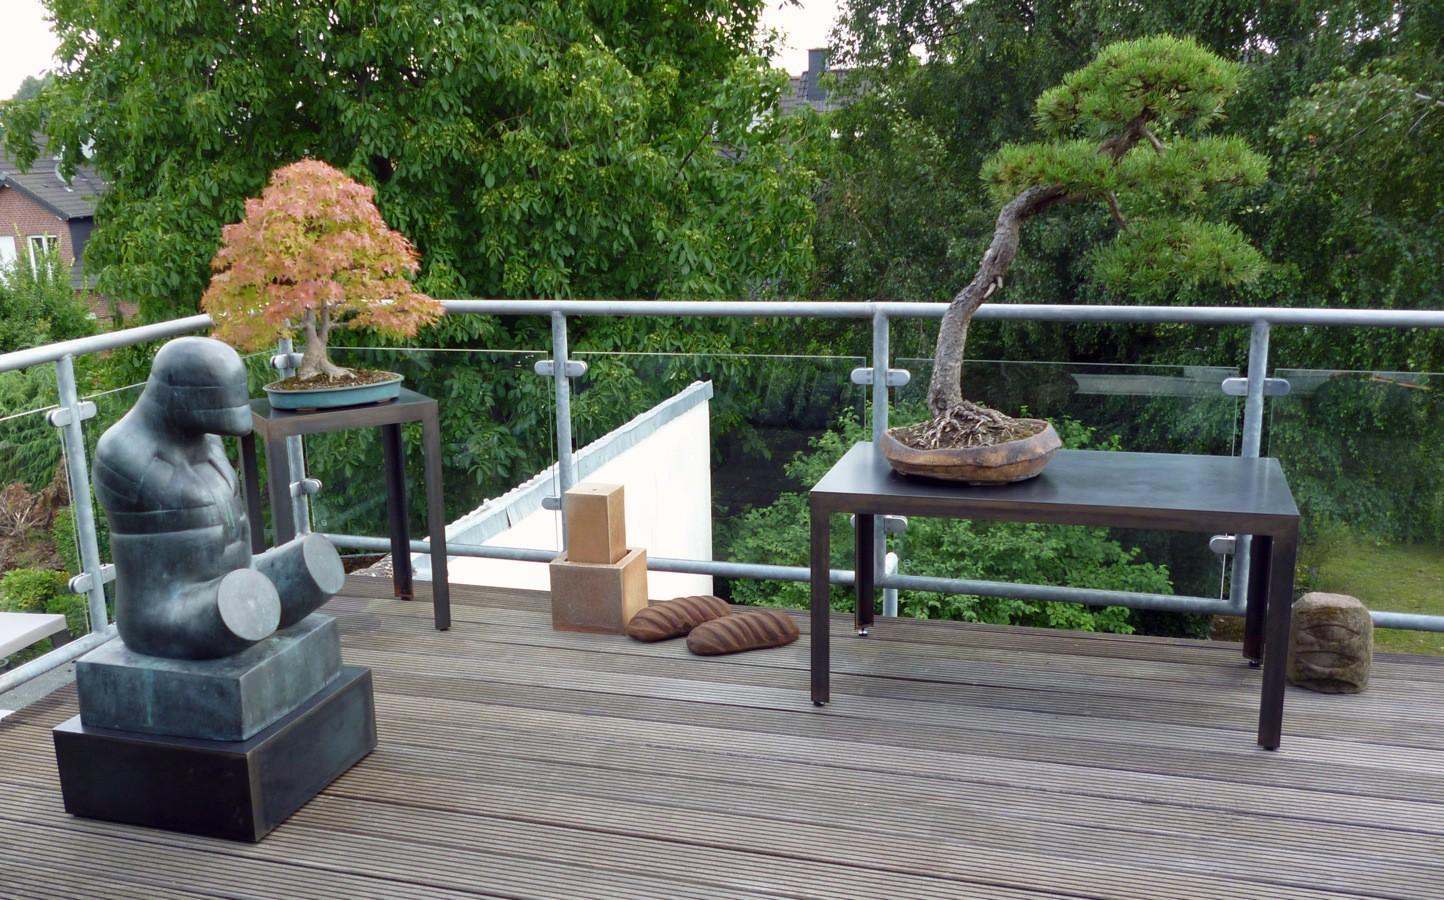 Sockel für eine Skulptur von Hede Bühl und für die Bonsai Bäume aus unbehandelten rohem Stahl, damit sie Rosten.